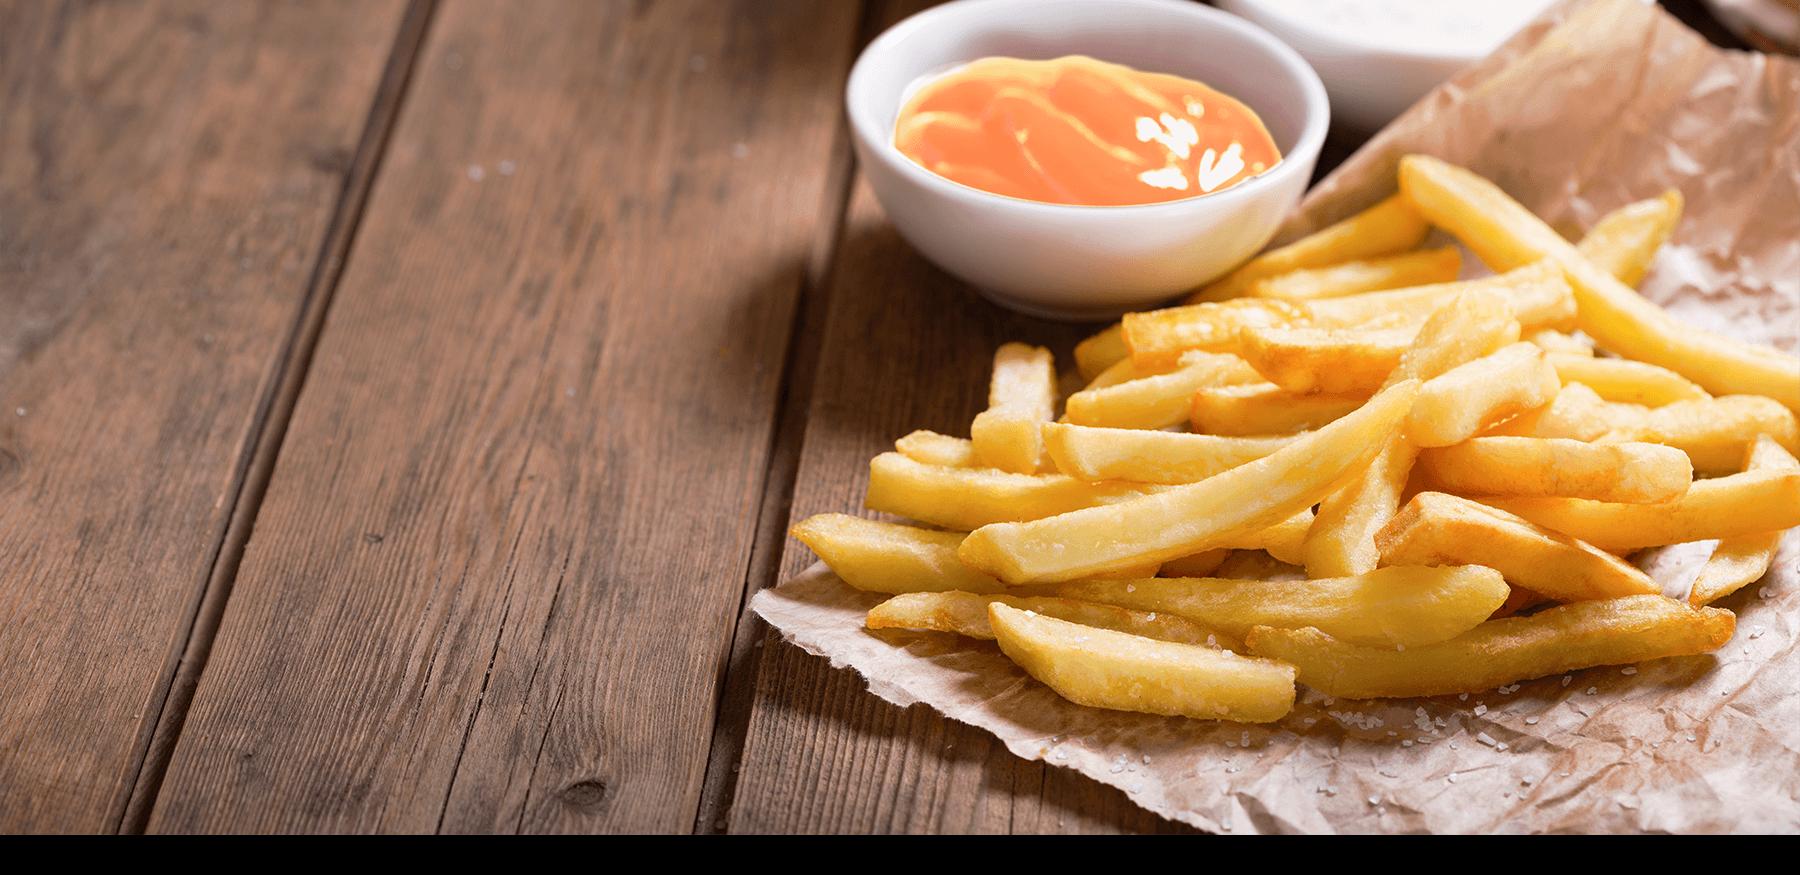 Fremont Deutschland Slider Potatoes Sauce